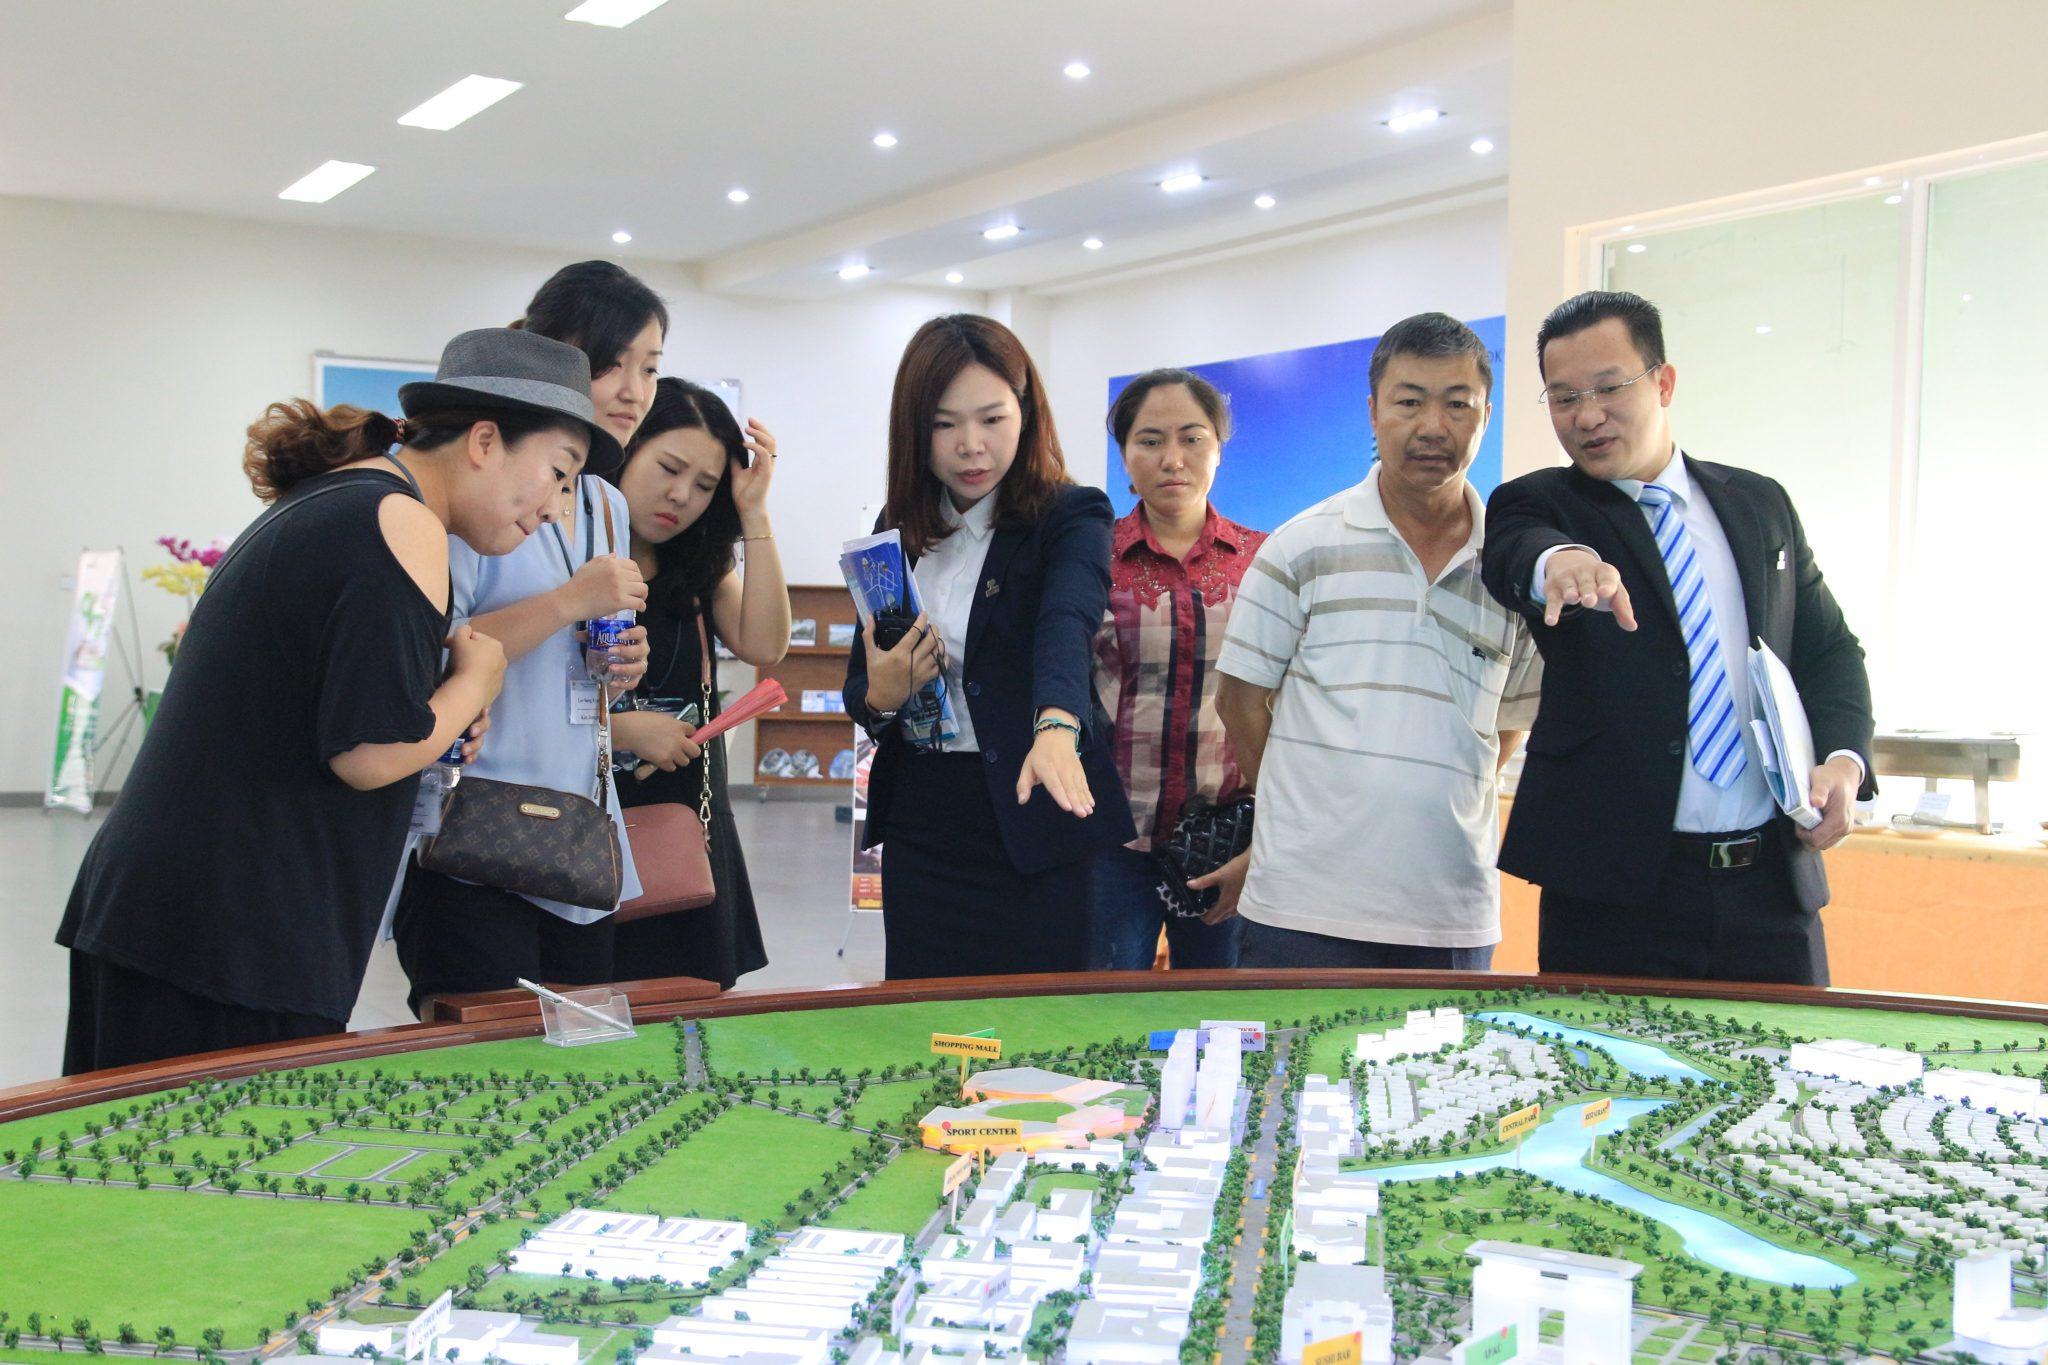 Hình ảnh CEO Tống Trần Dương giới thiệu dự án cho khách hàng